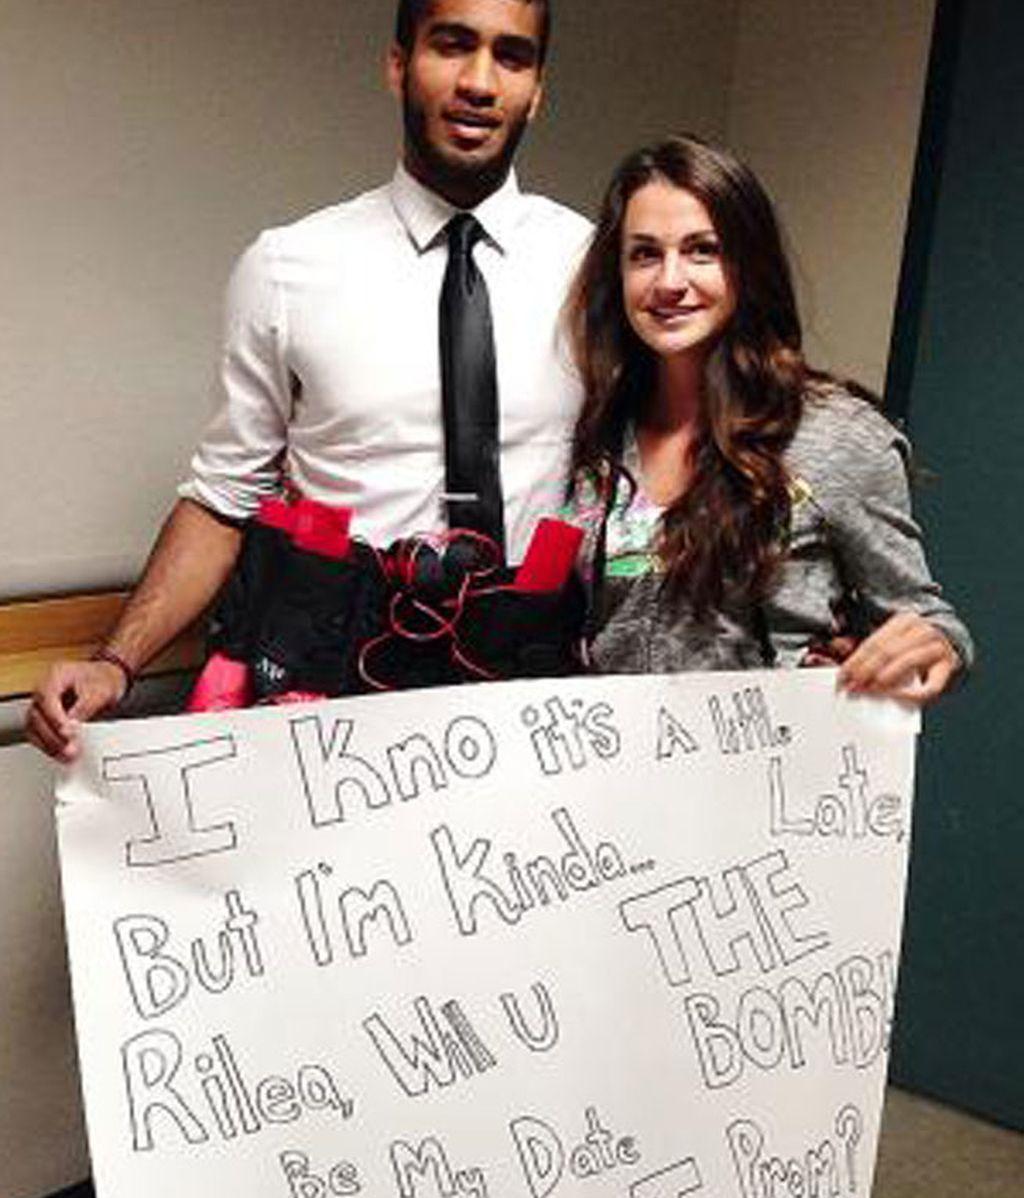 Un joven amenaza con una bomba falsa para invitar a una chica al baile de graduación